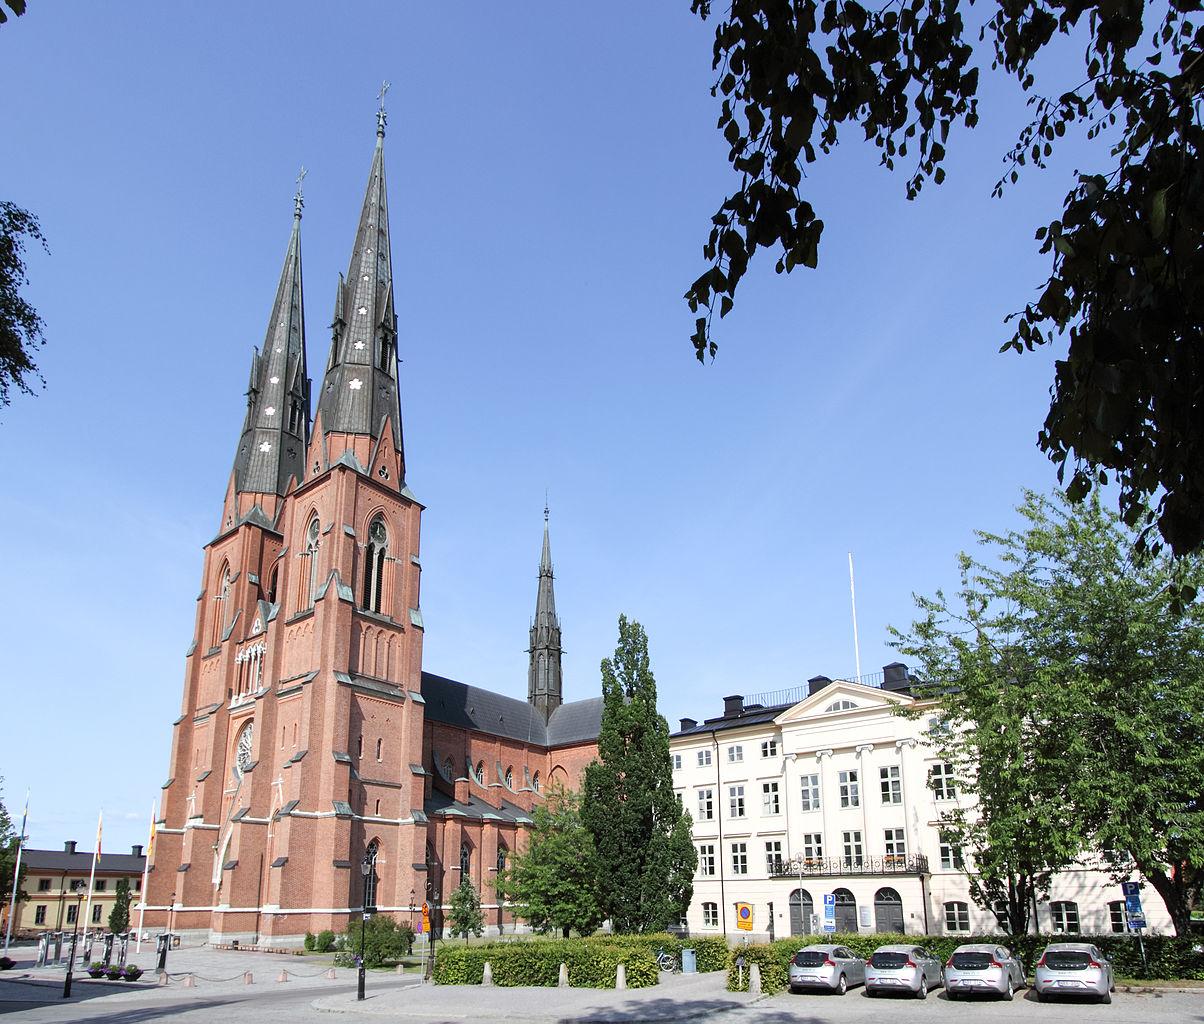 Uppsala: Popular Place to Visit in Sweden